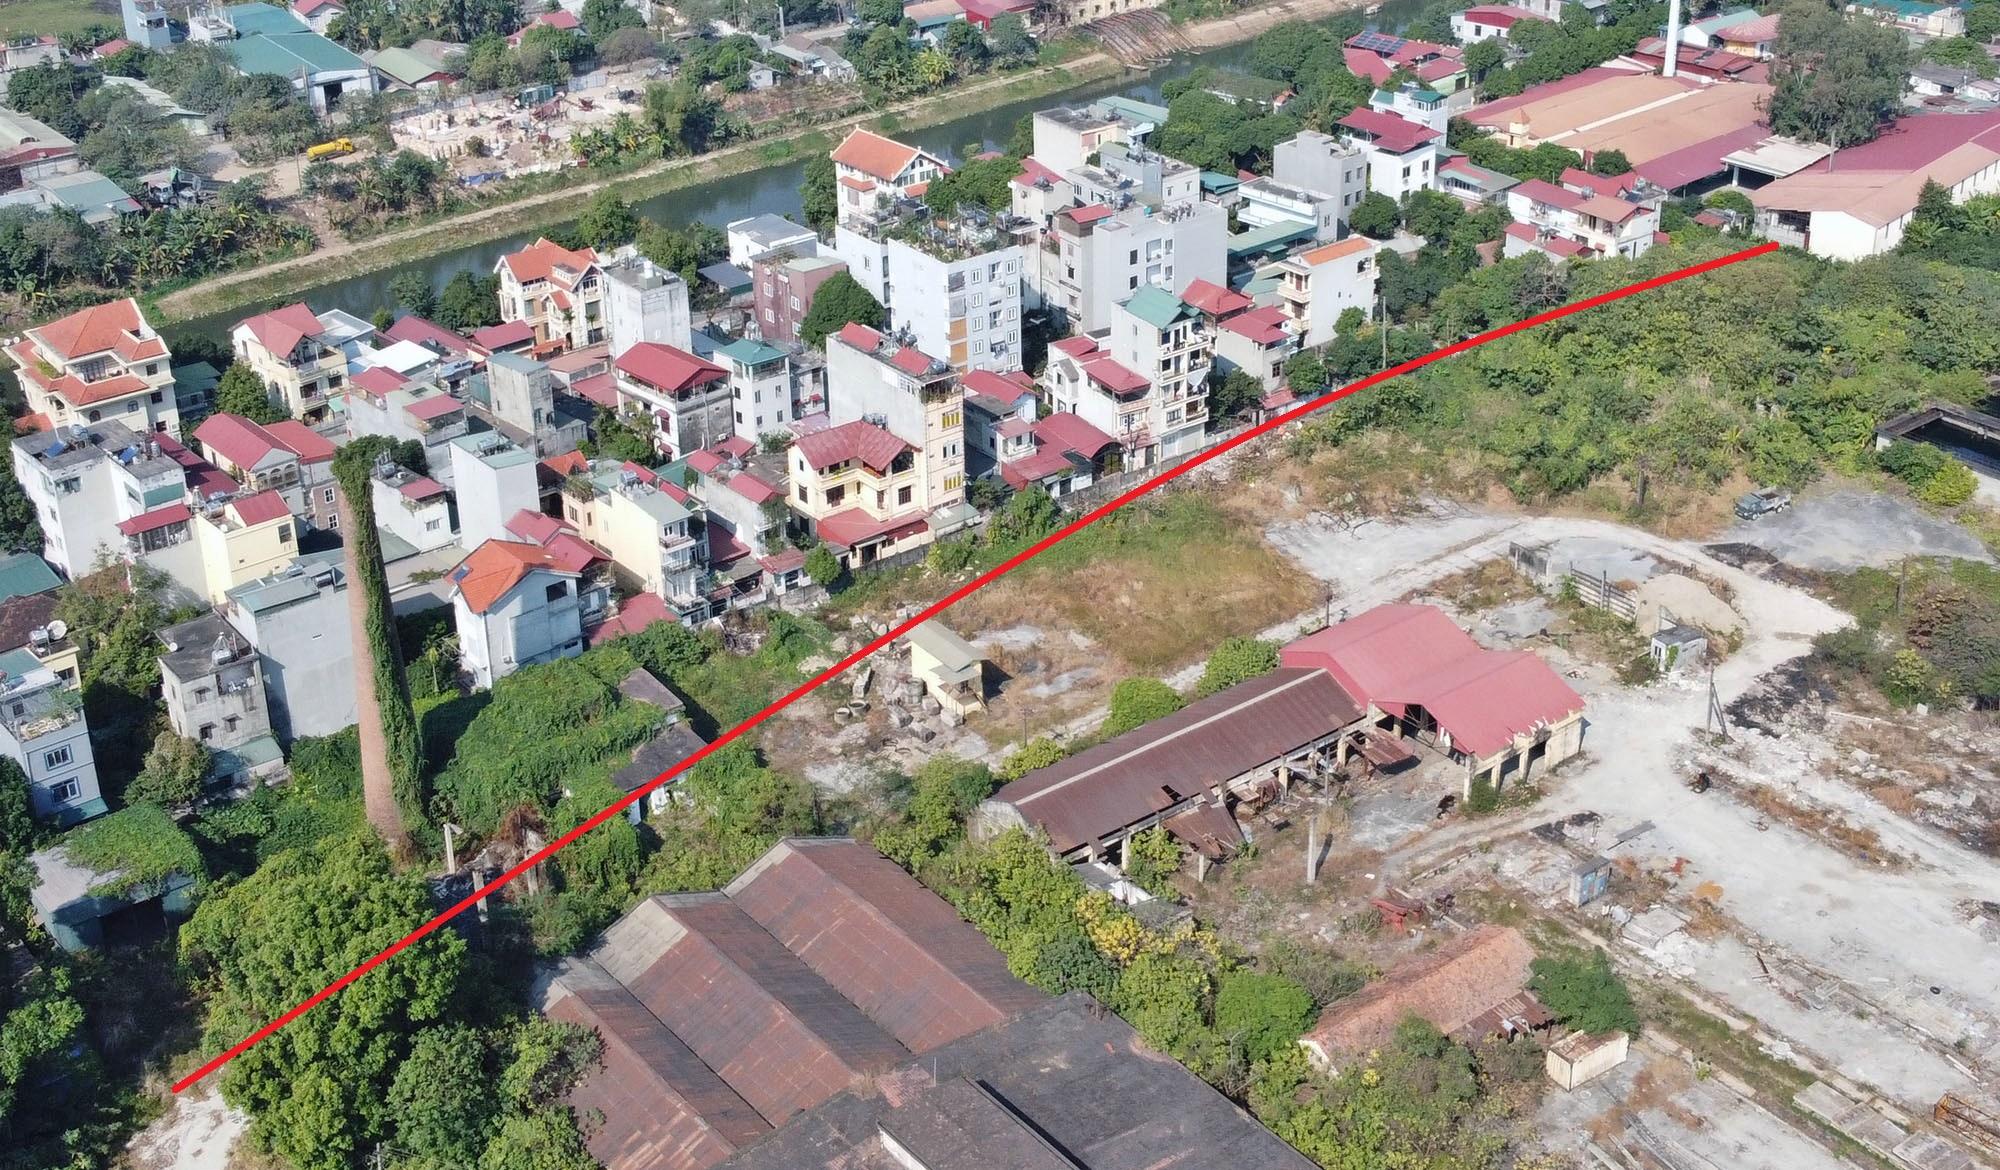 Ba đường sẽ mở theo quy hoạch ở phường Thụy Phương, Bắc Từ Liêm, Hà Nội (phần 3) - Ảnh 11.